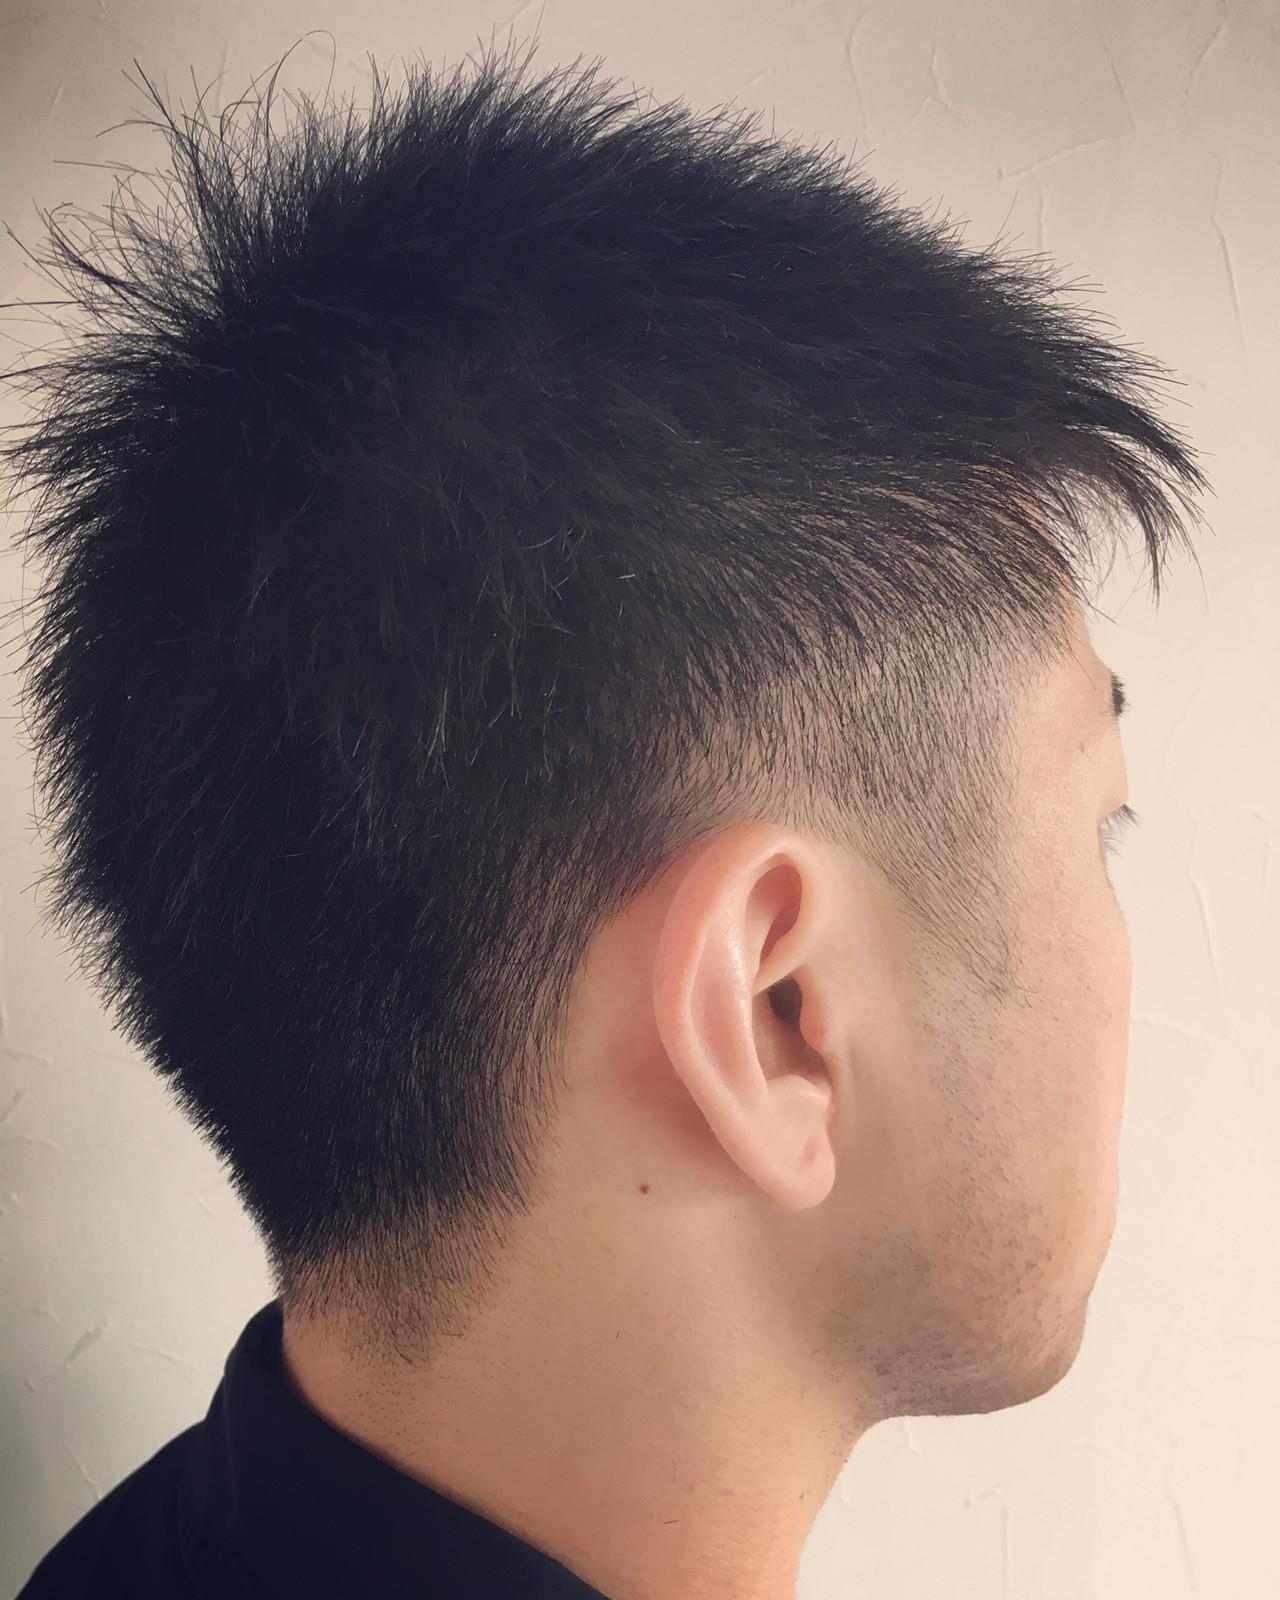 メンズショート メンズカット ストリート メンズヘア ヘアスタイルや髪型の写真・画像 | エイ / aime